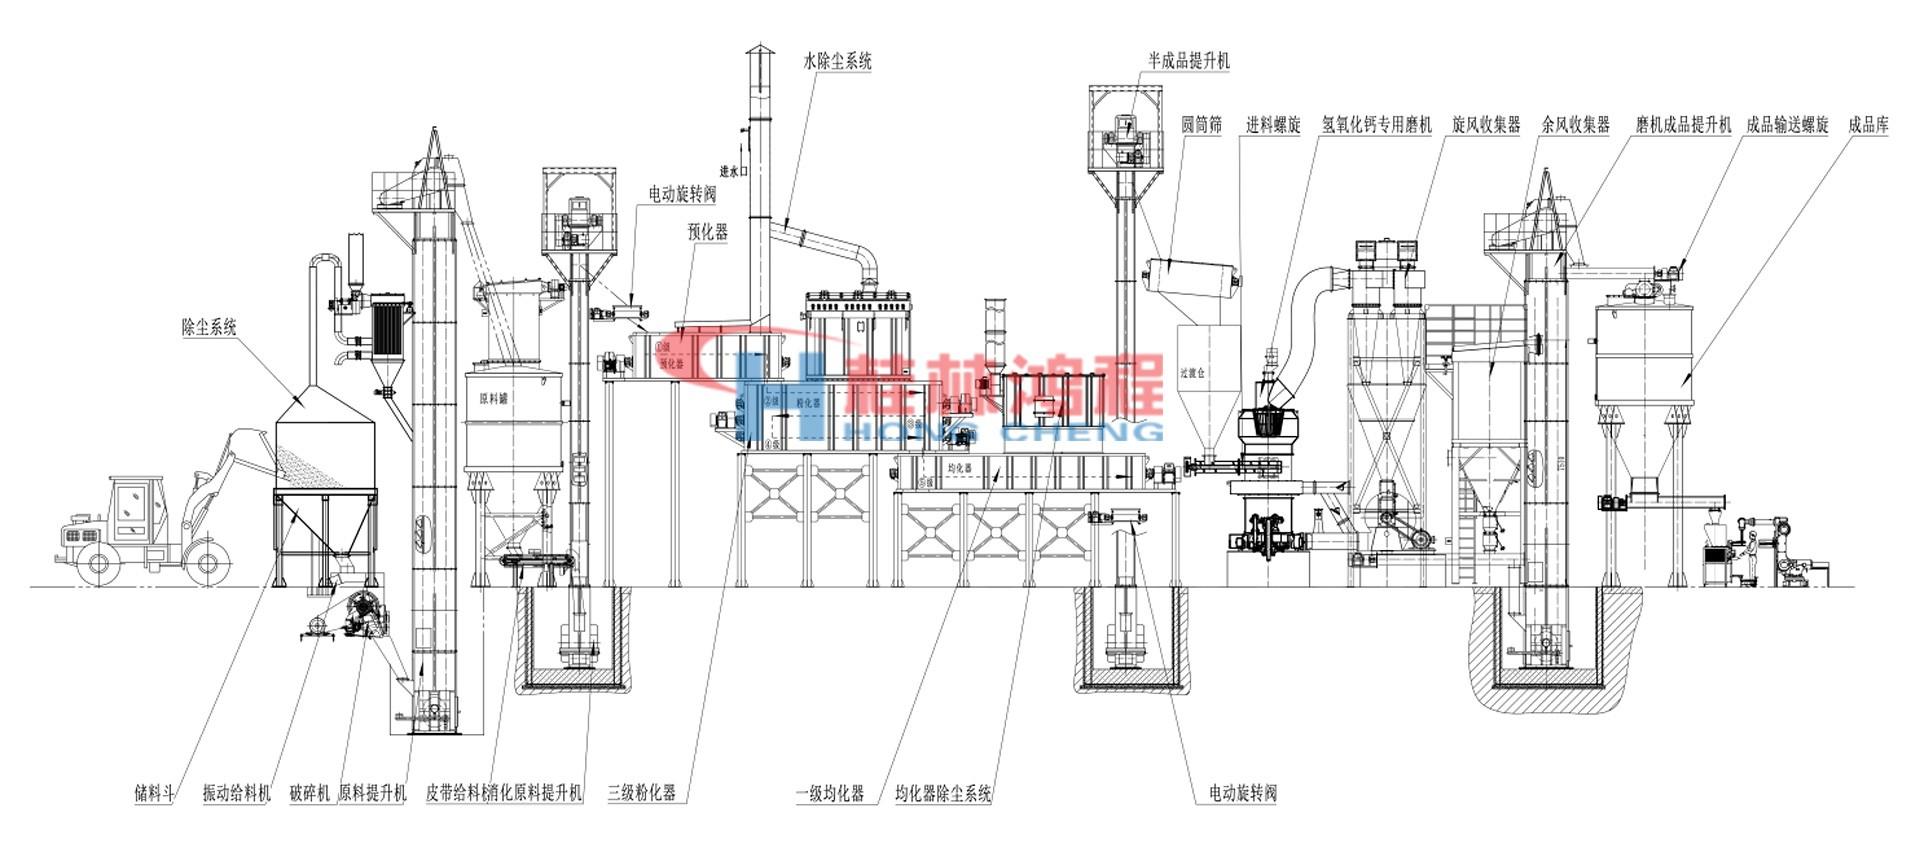 氢氧化钙生产线消化系统设备图